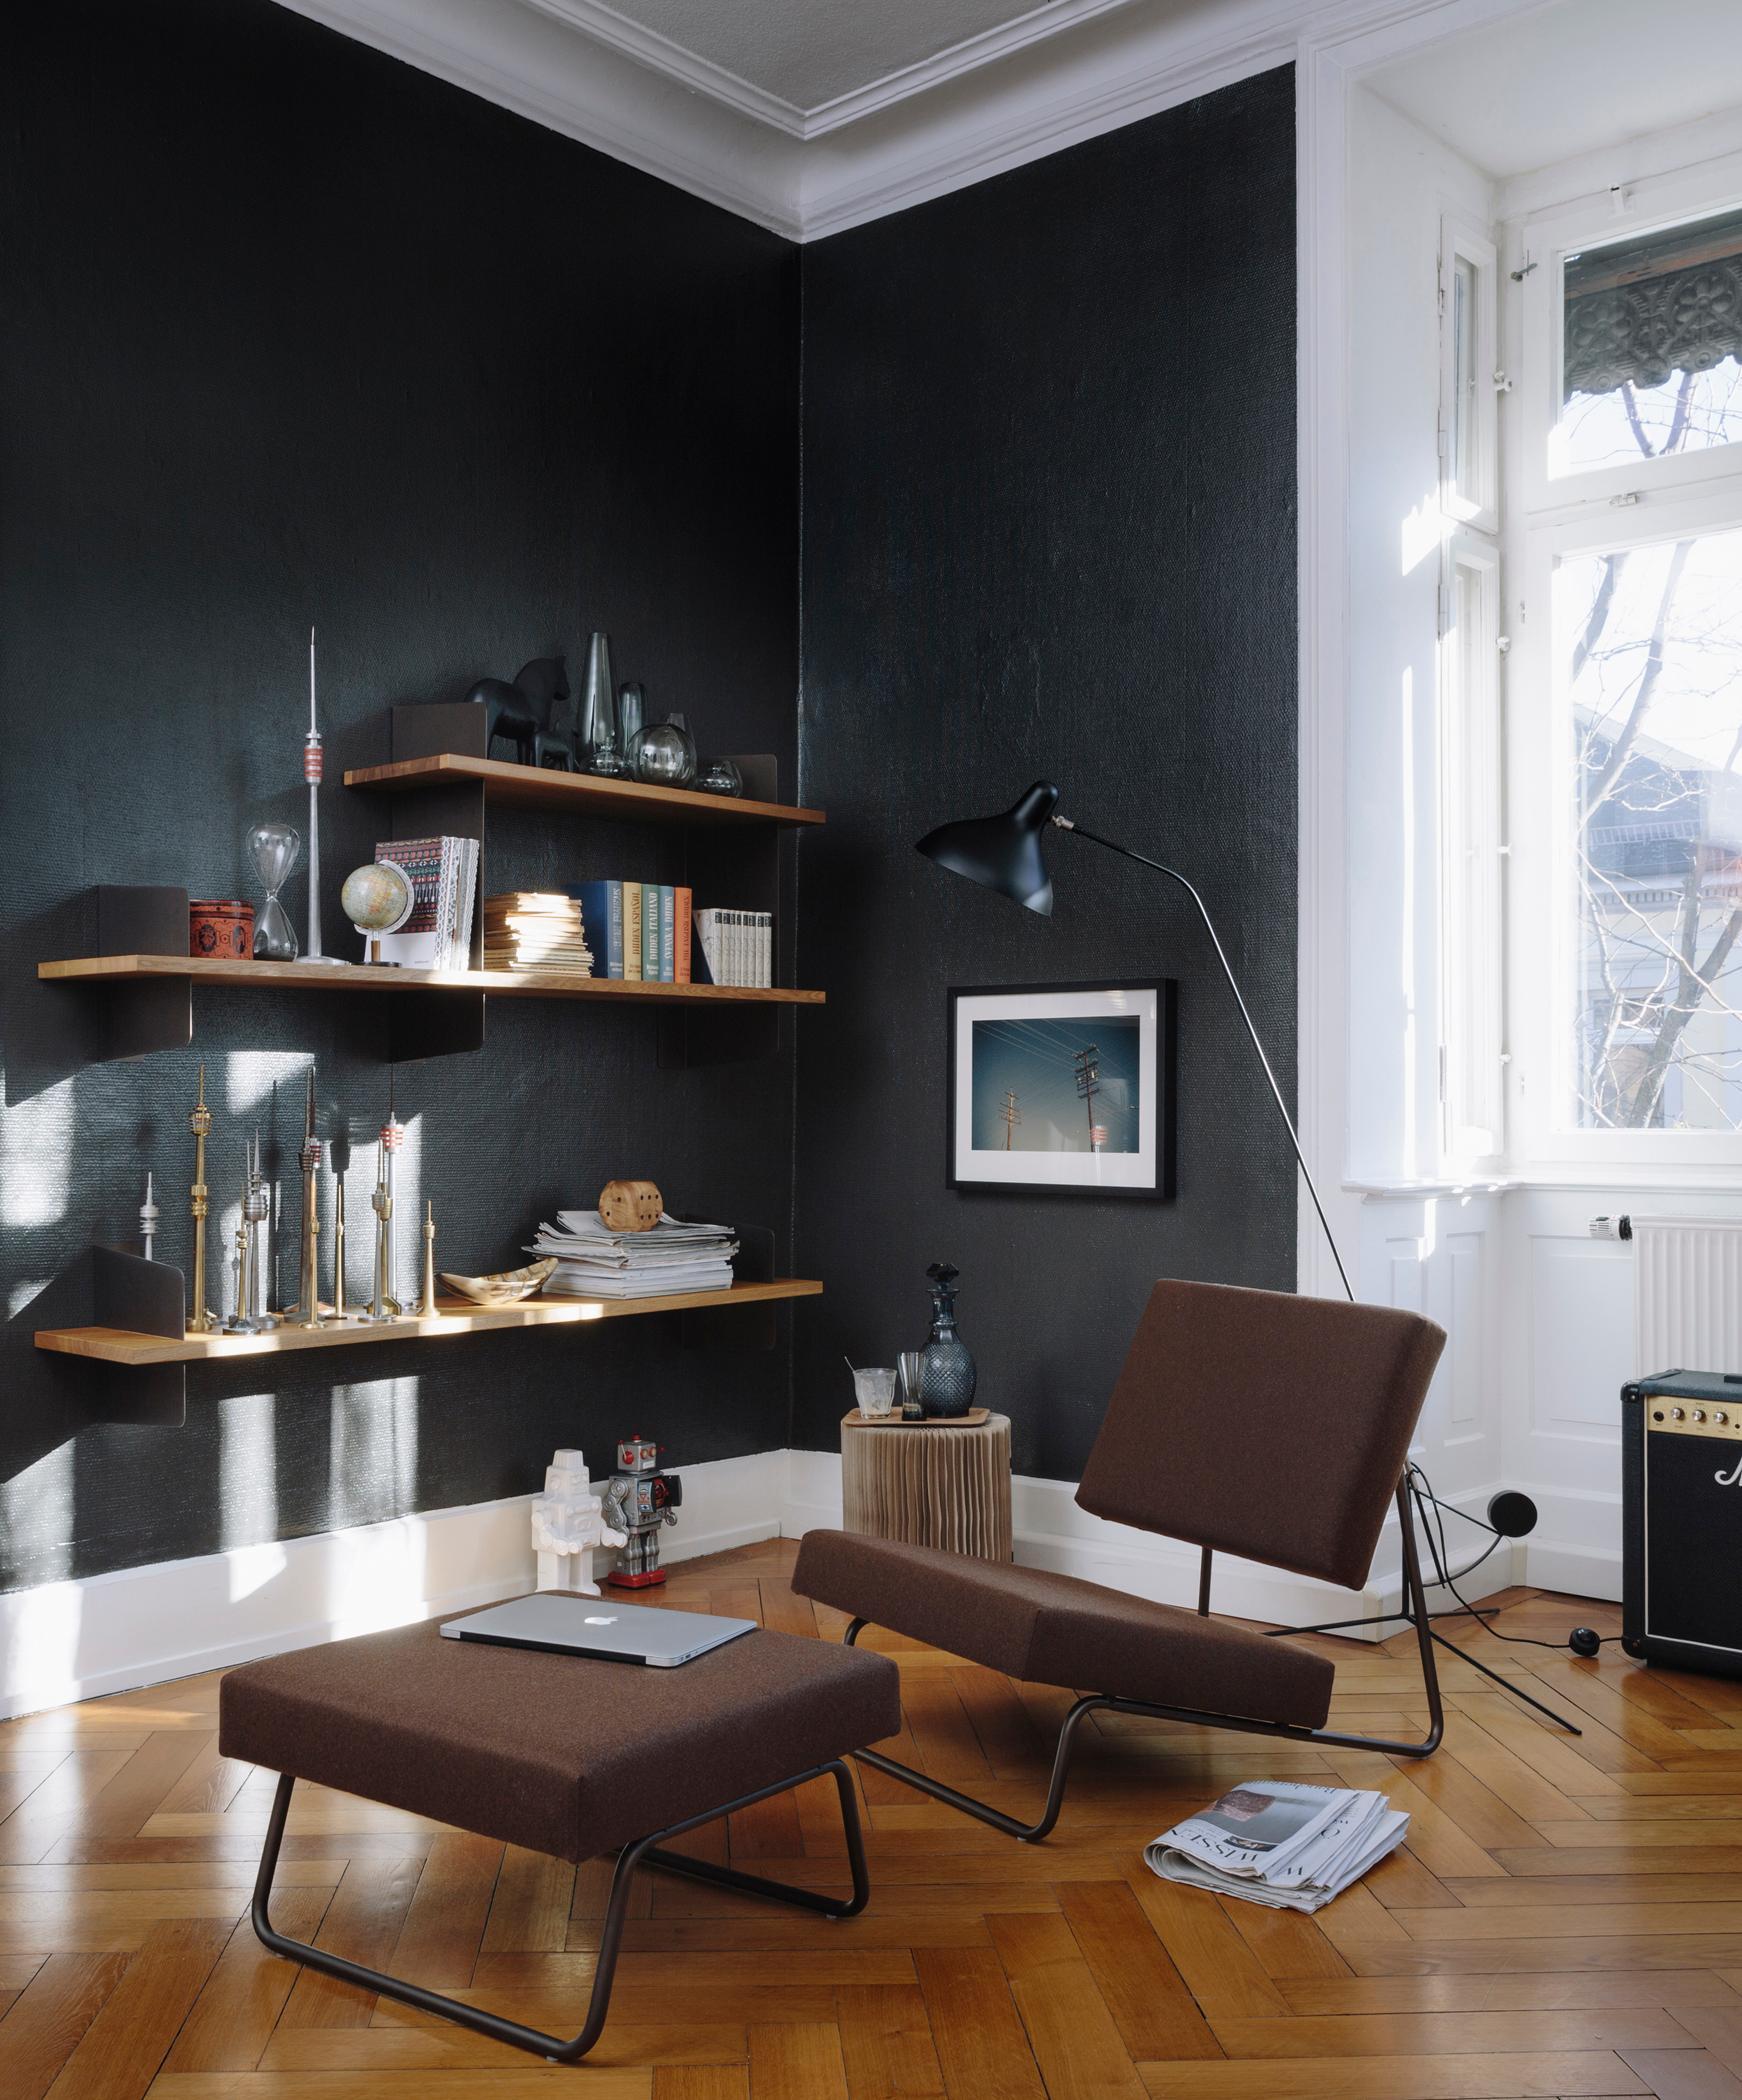 Moderne Leseecke #hocker #wandfarbe #sessel #fischgrätparkett  #schwarzewandfarbe ©Richard Lampert/